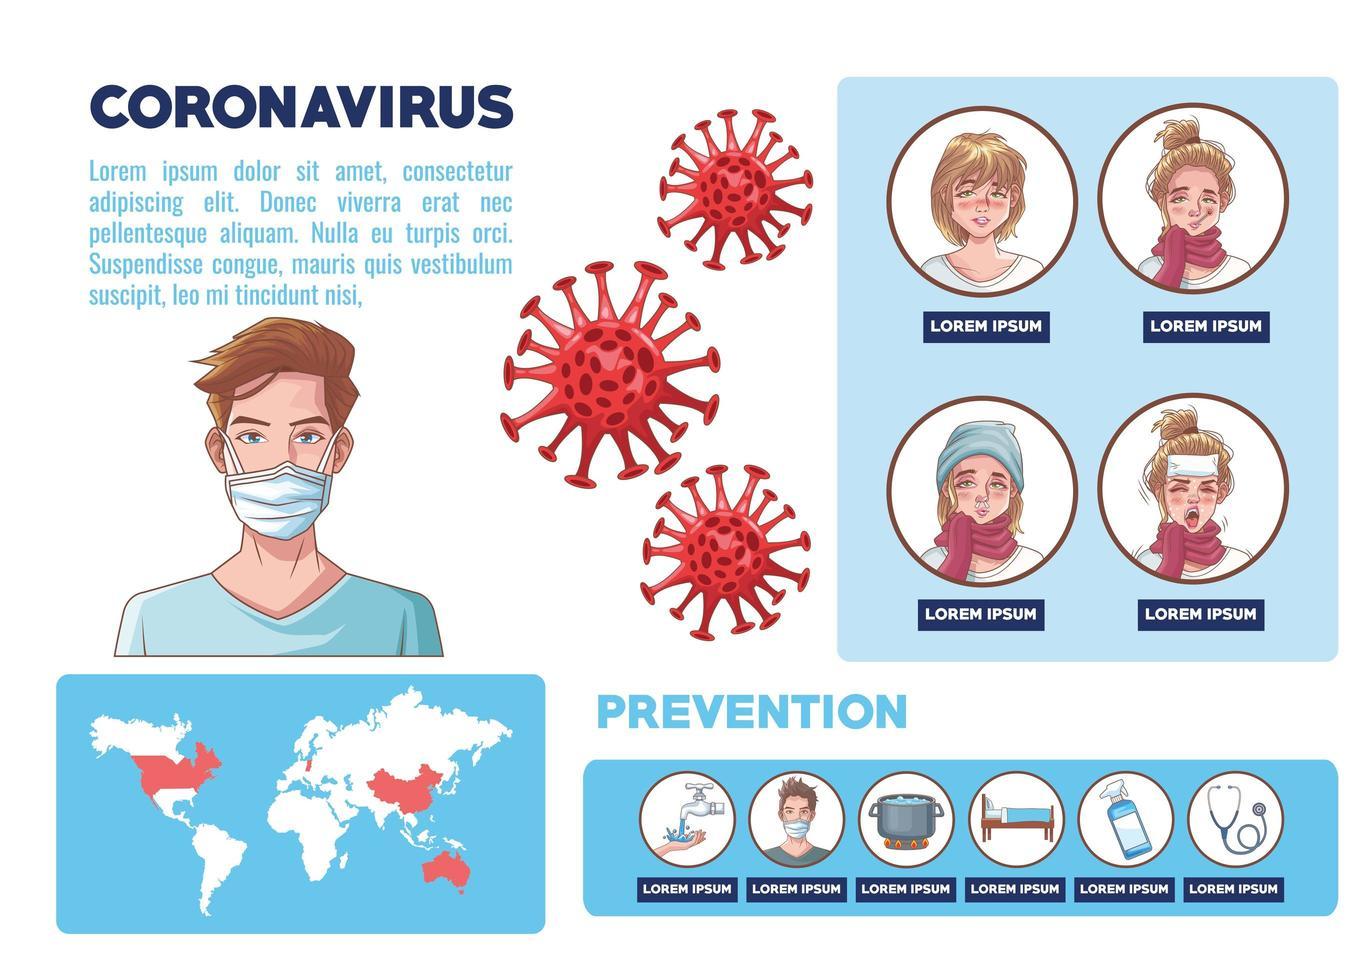 Coronavirus-Infografik mit Symptom- und Präventionsgrafiken vektor